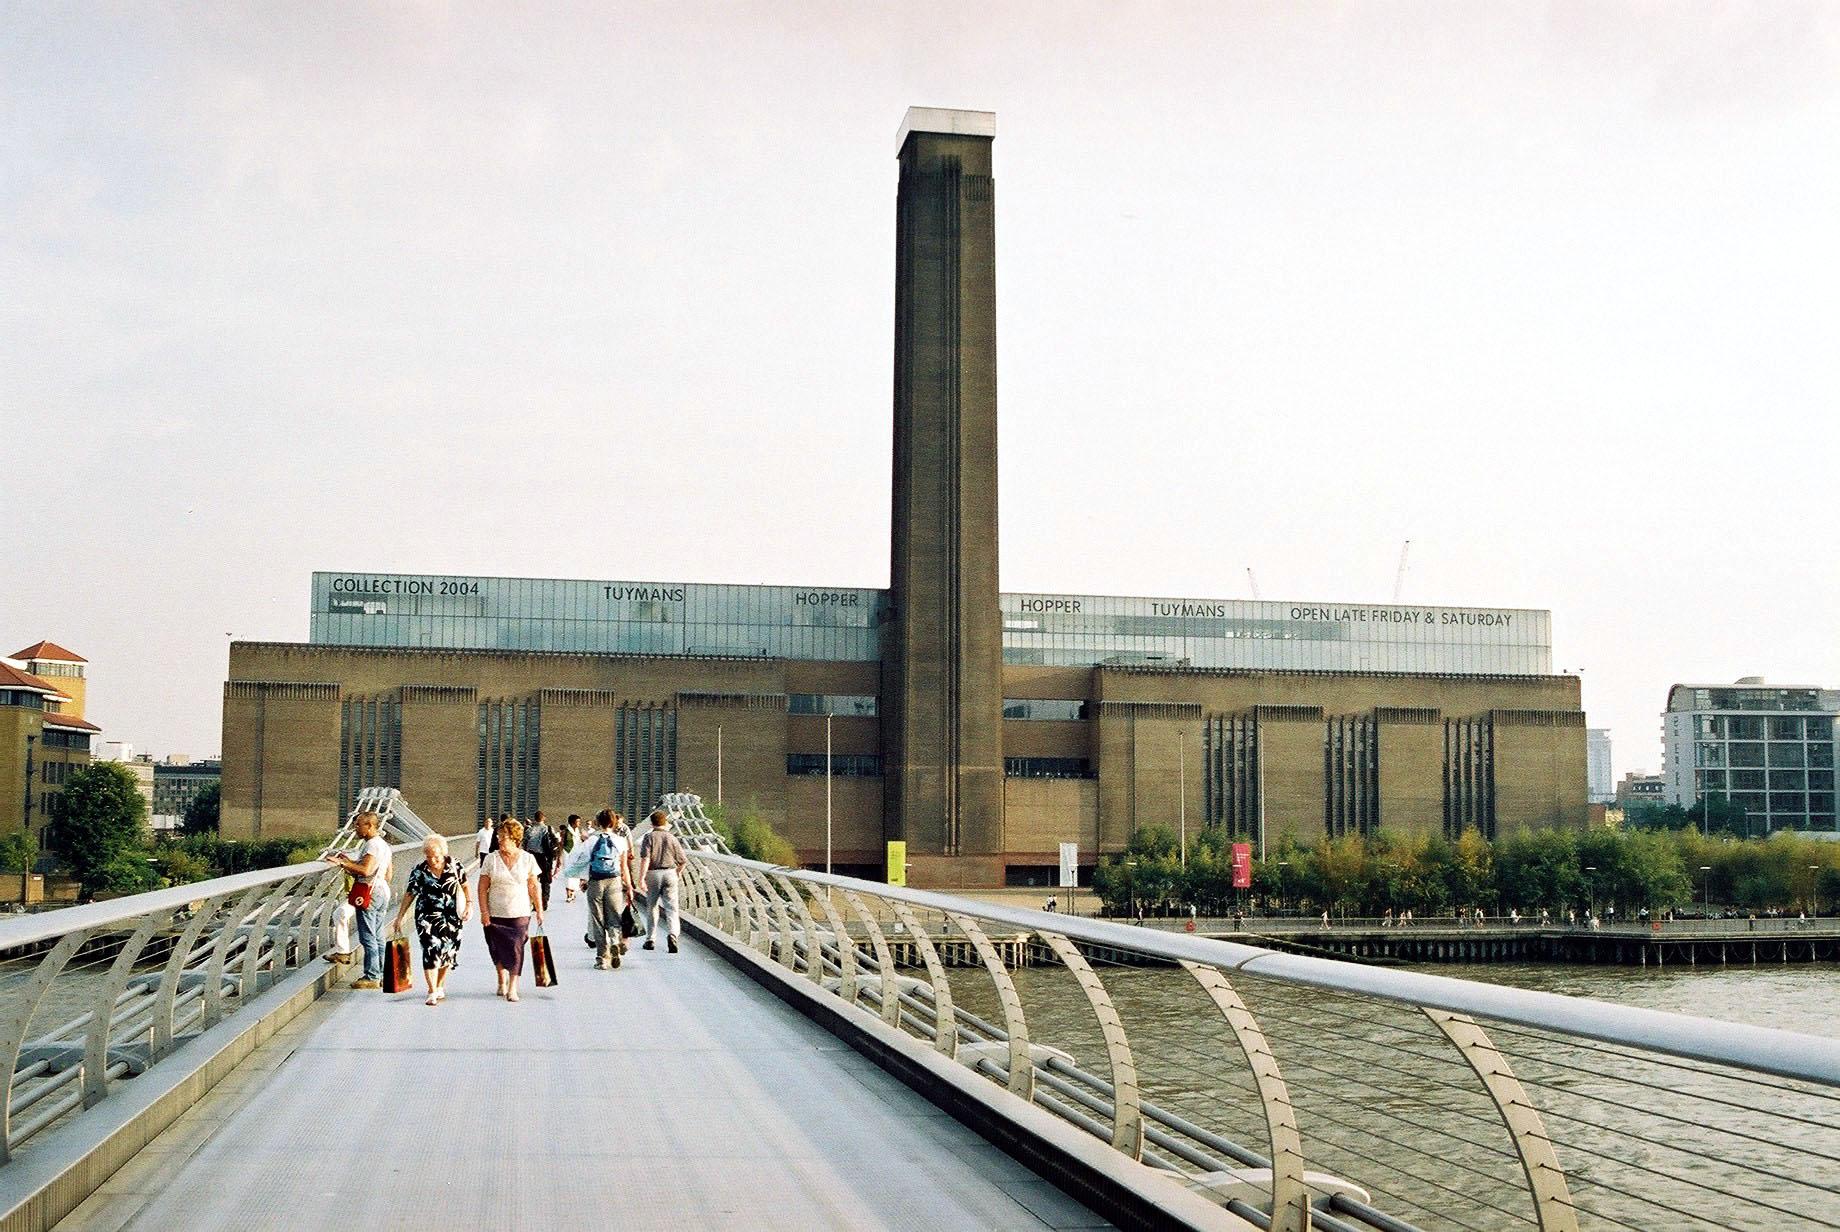 File:Tate Modern - exteriér I. (3. 10. 2004).JPG ...